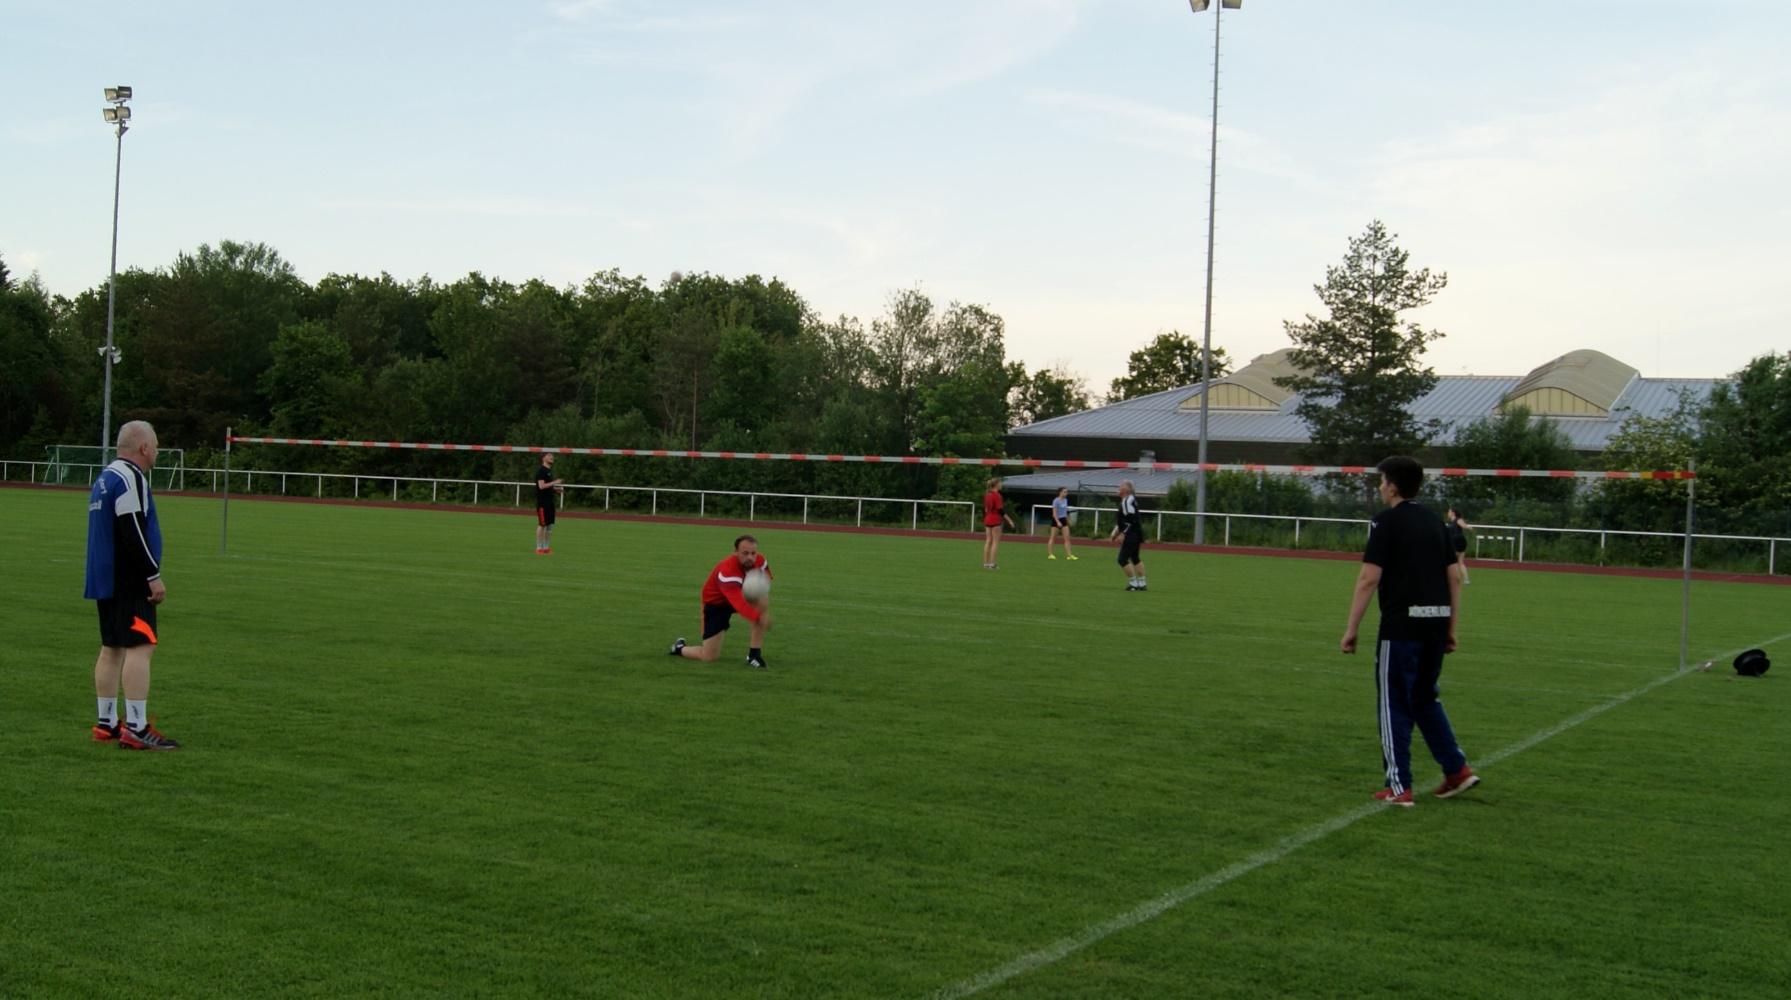 Beim Faustball ist das Einhalten von Mindestabständen problemlos möglich, sodass der Trainingsbetrieb nahezu ohne Einschränkungen wieder aufgenommen werden konnte.